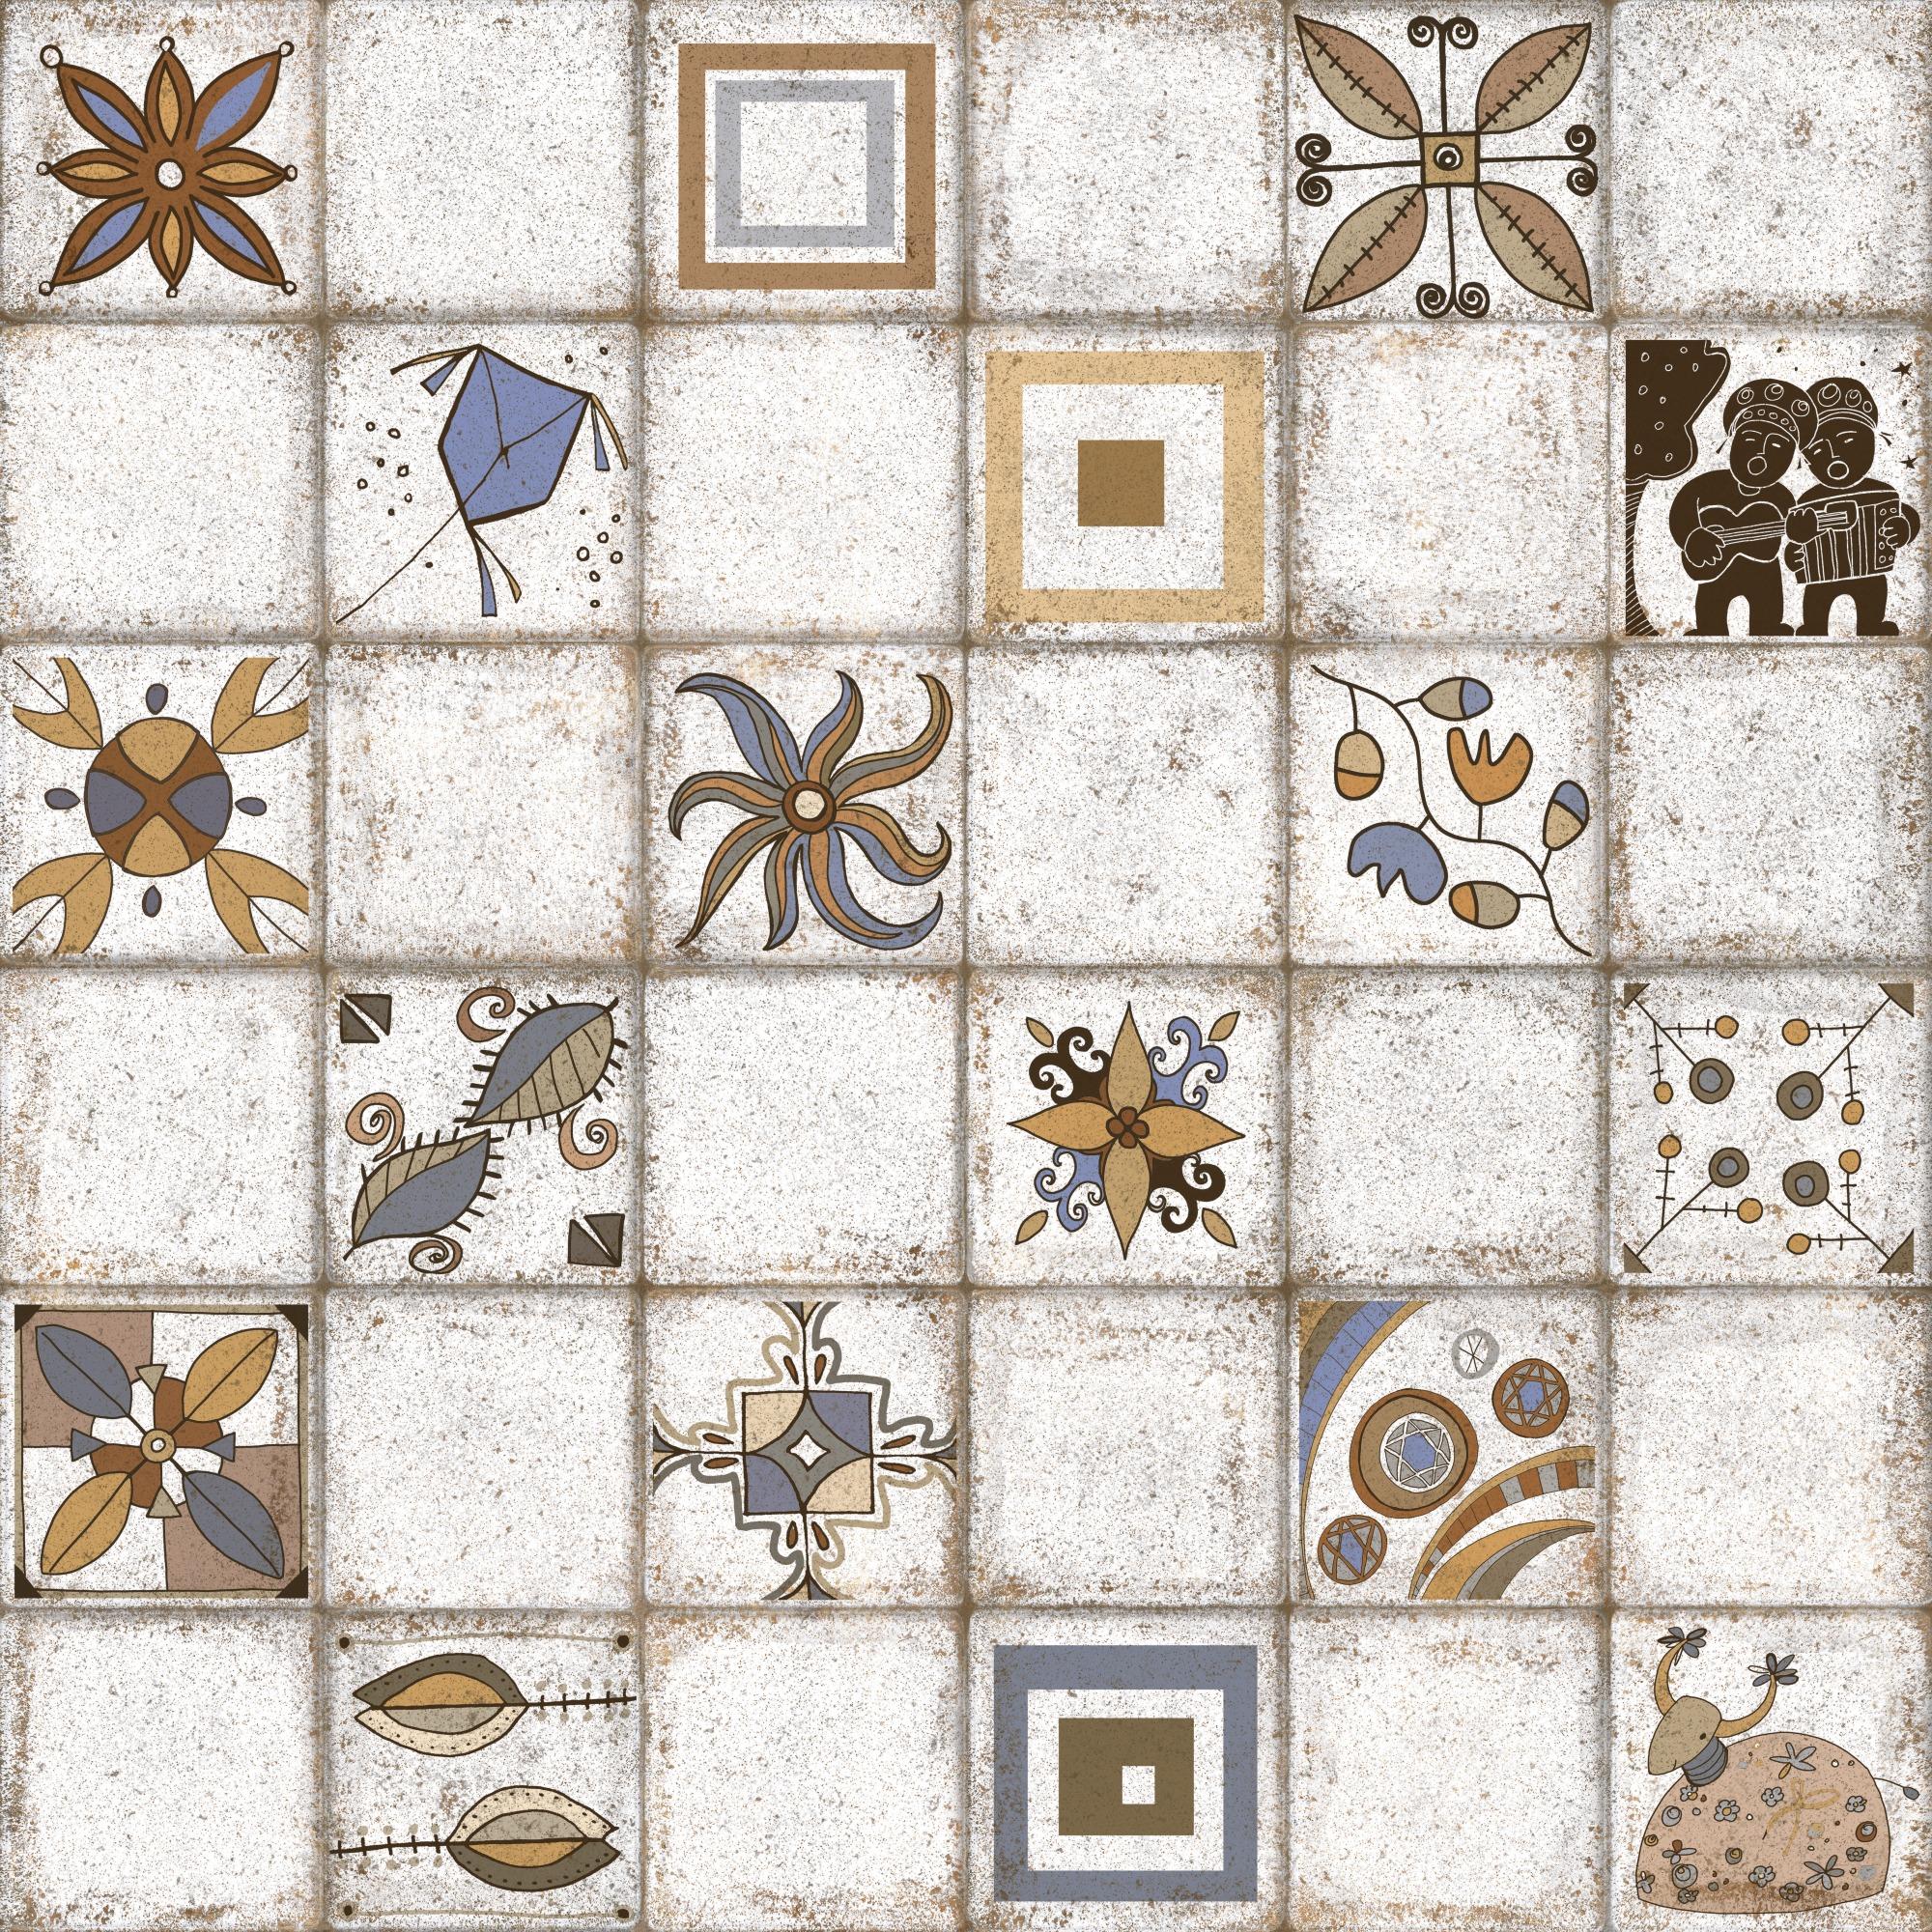 Ceramica Artesanal Mescla Acetinado HD Tipo A Borda Bold 60x60cm 220m Cinza Claro - Pointer